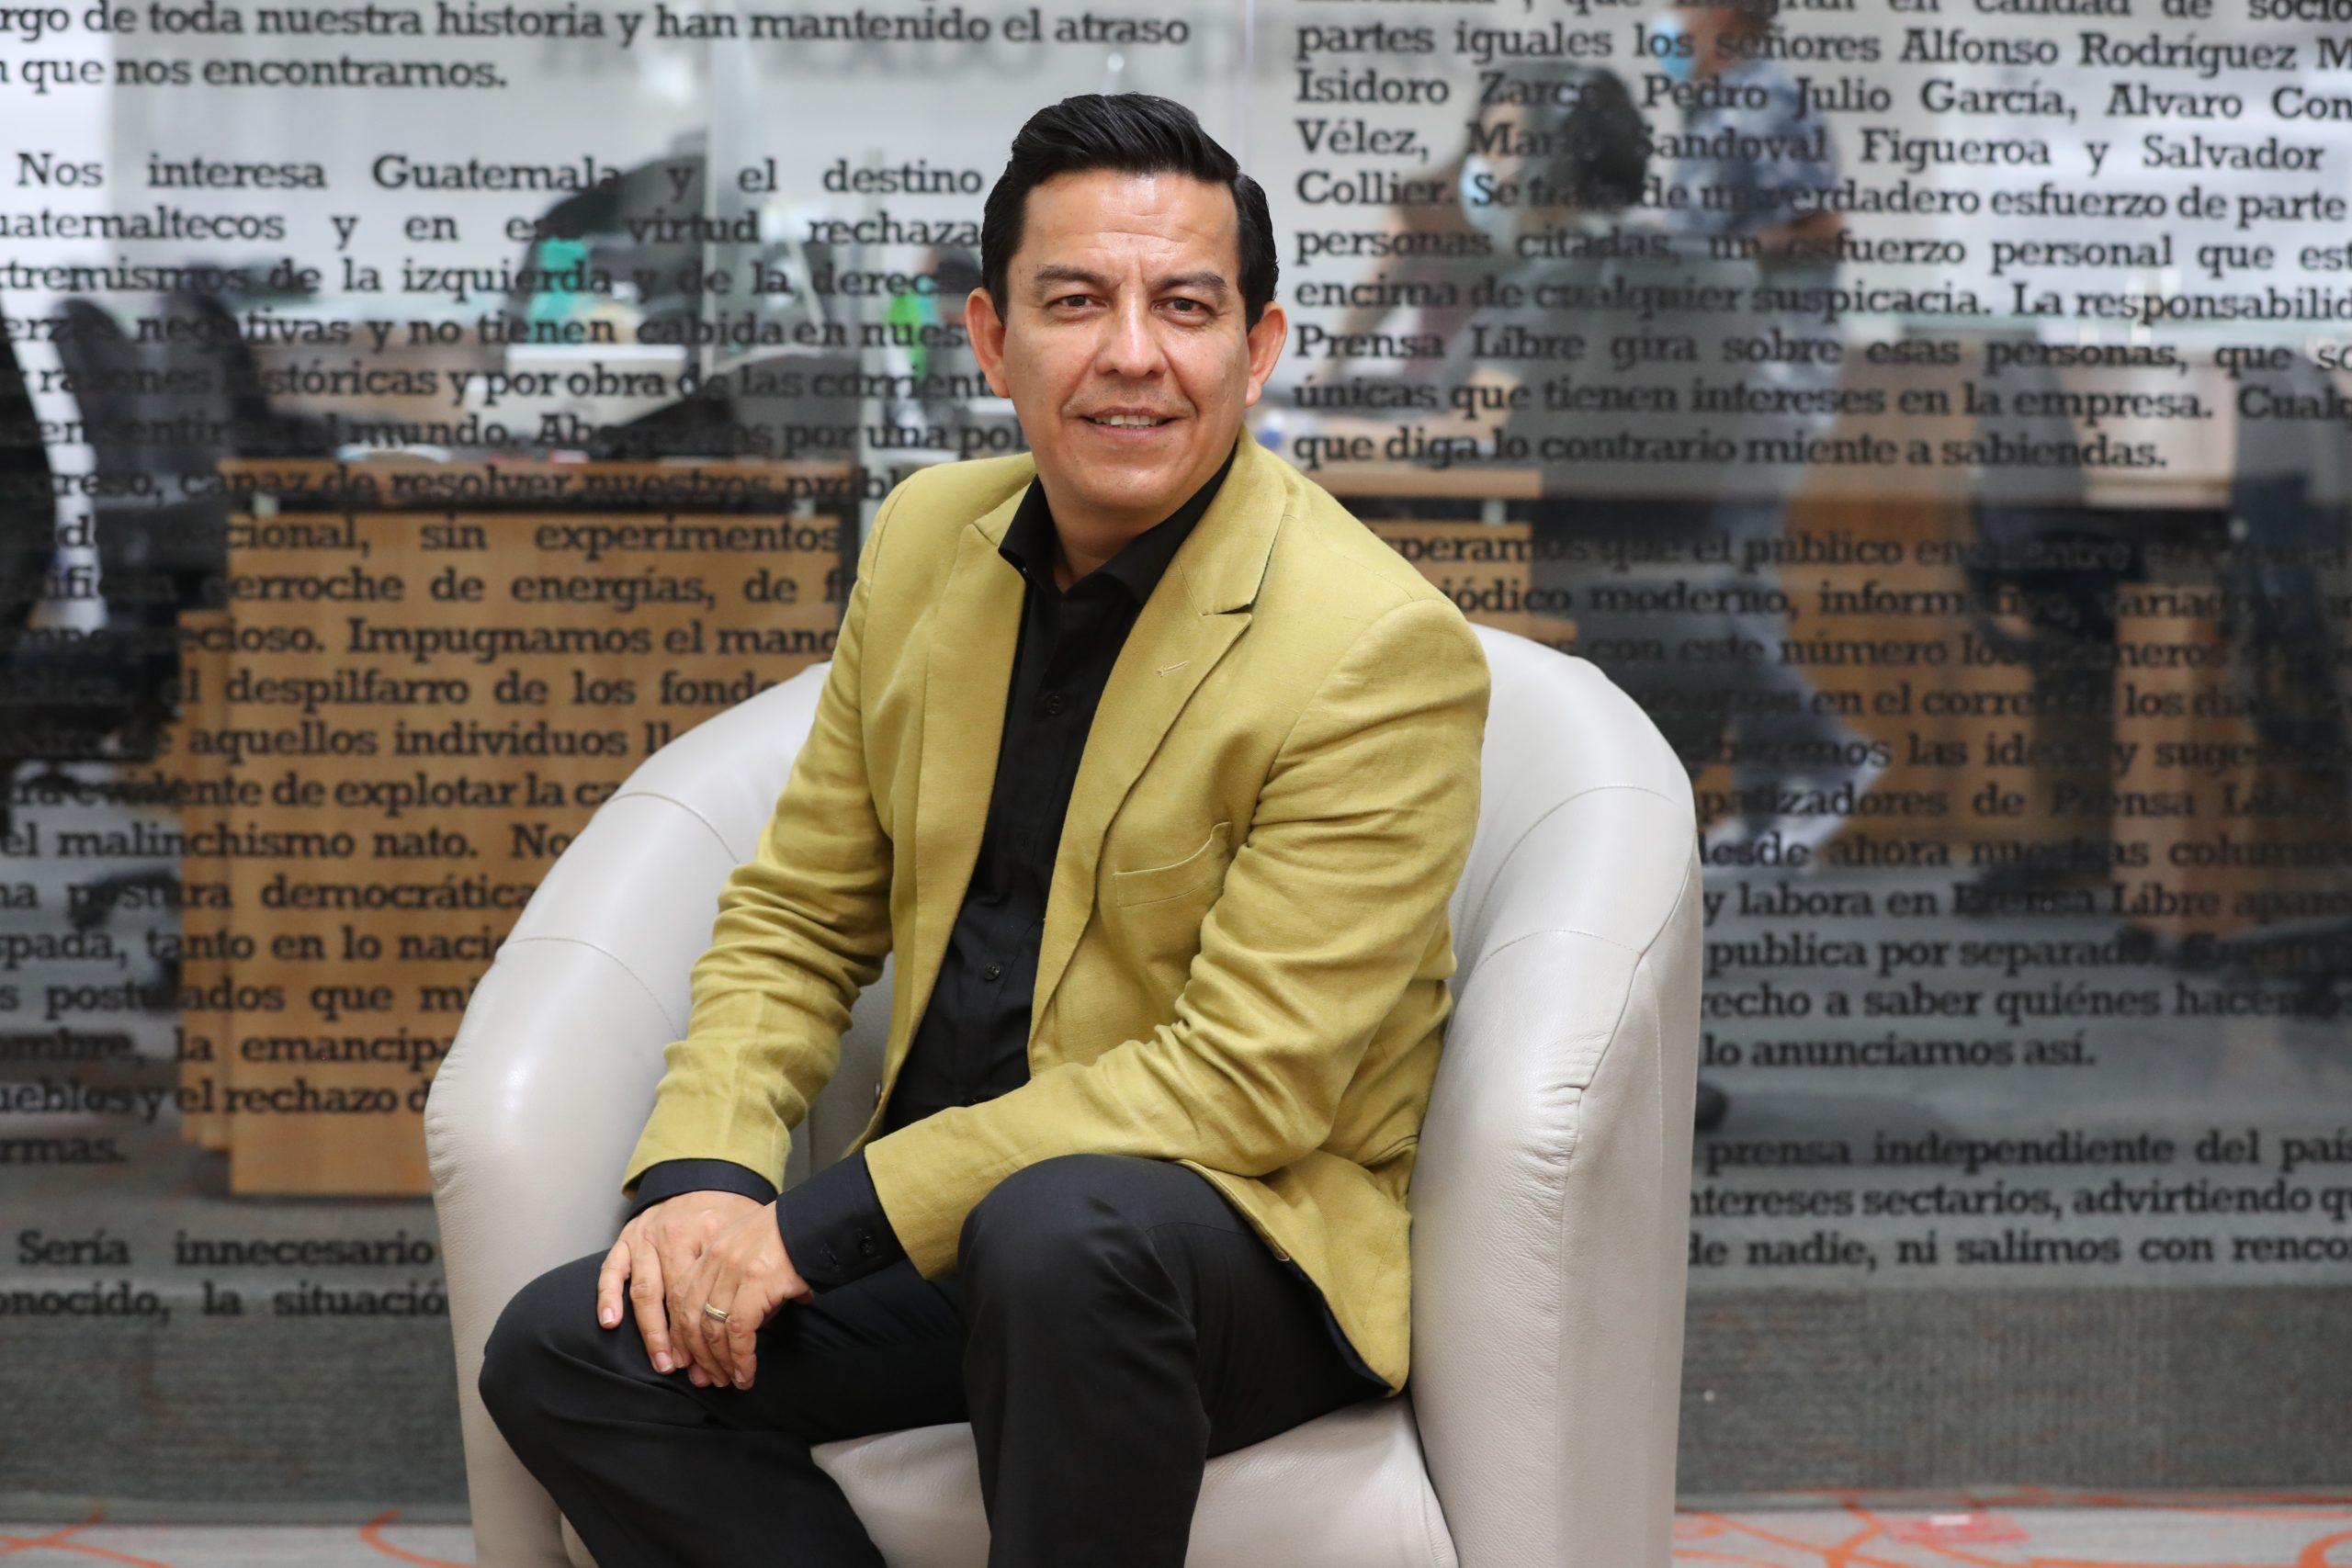 Guatemalteco nominado al Grammy Latino al Mejor Álbum Cristiano y que inició su sueño limpiando casas - Prensa Libre